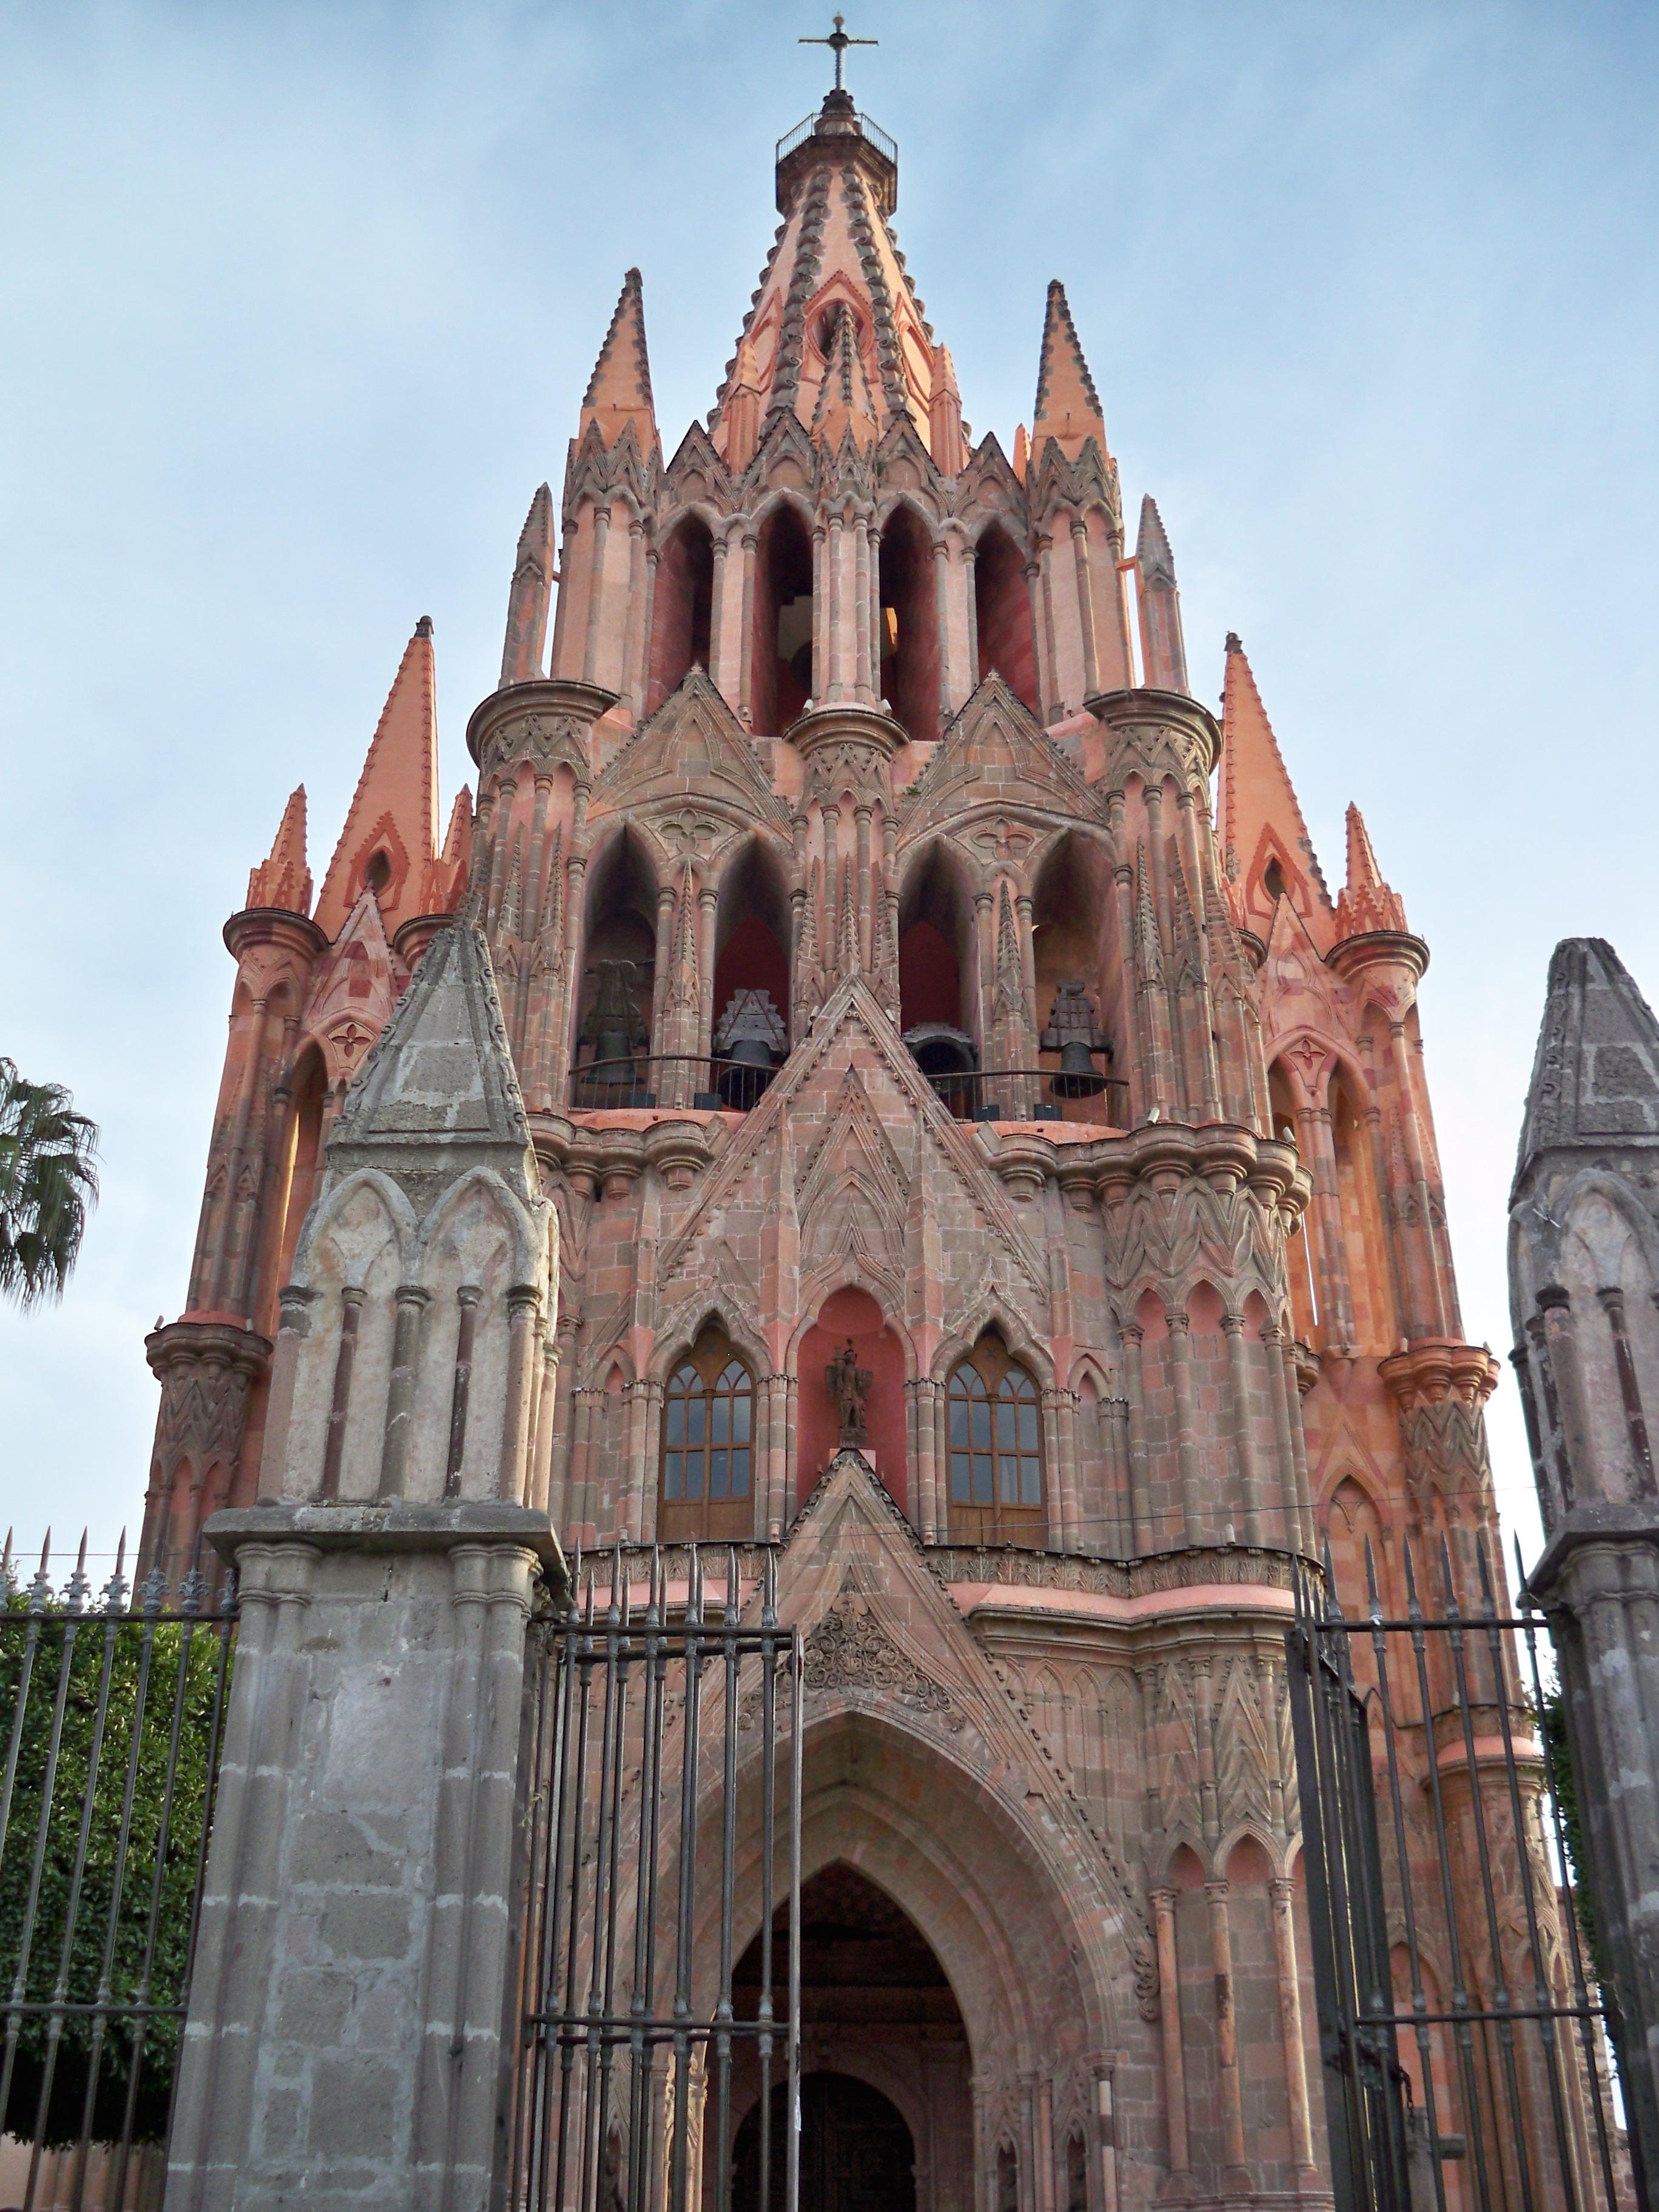 File:Parroquia San Miguel Arcangel.JPG